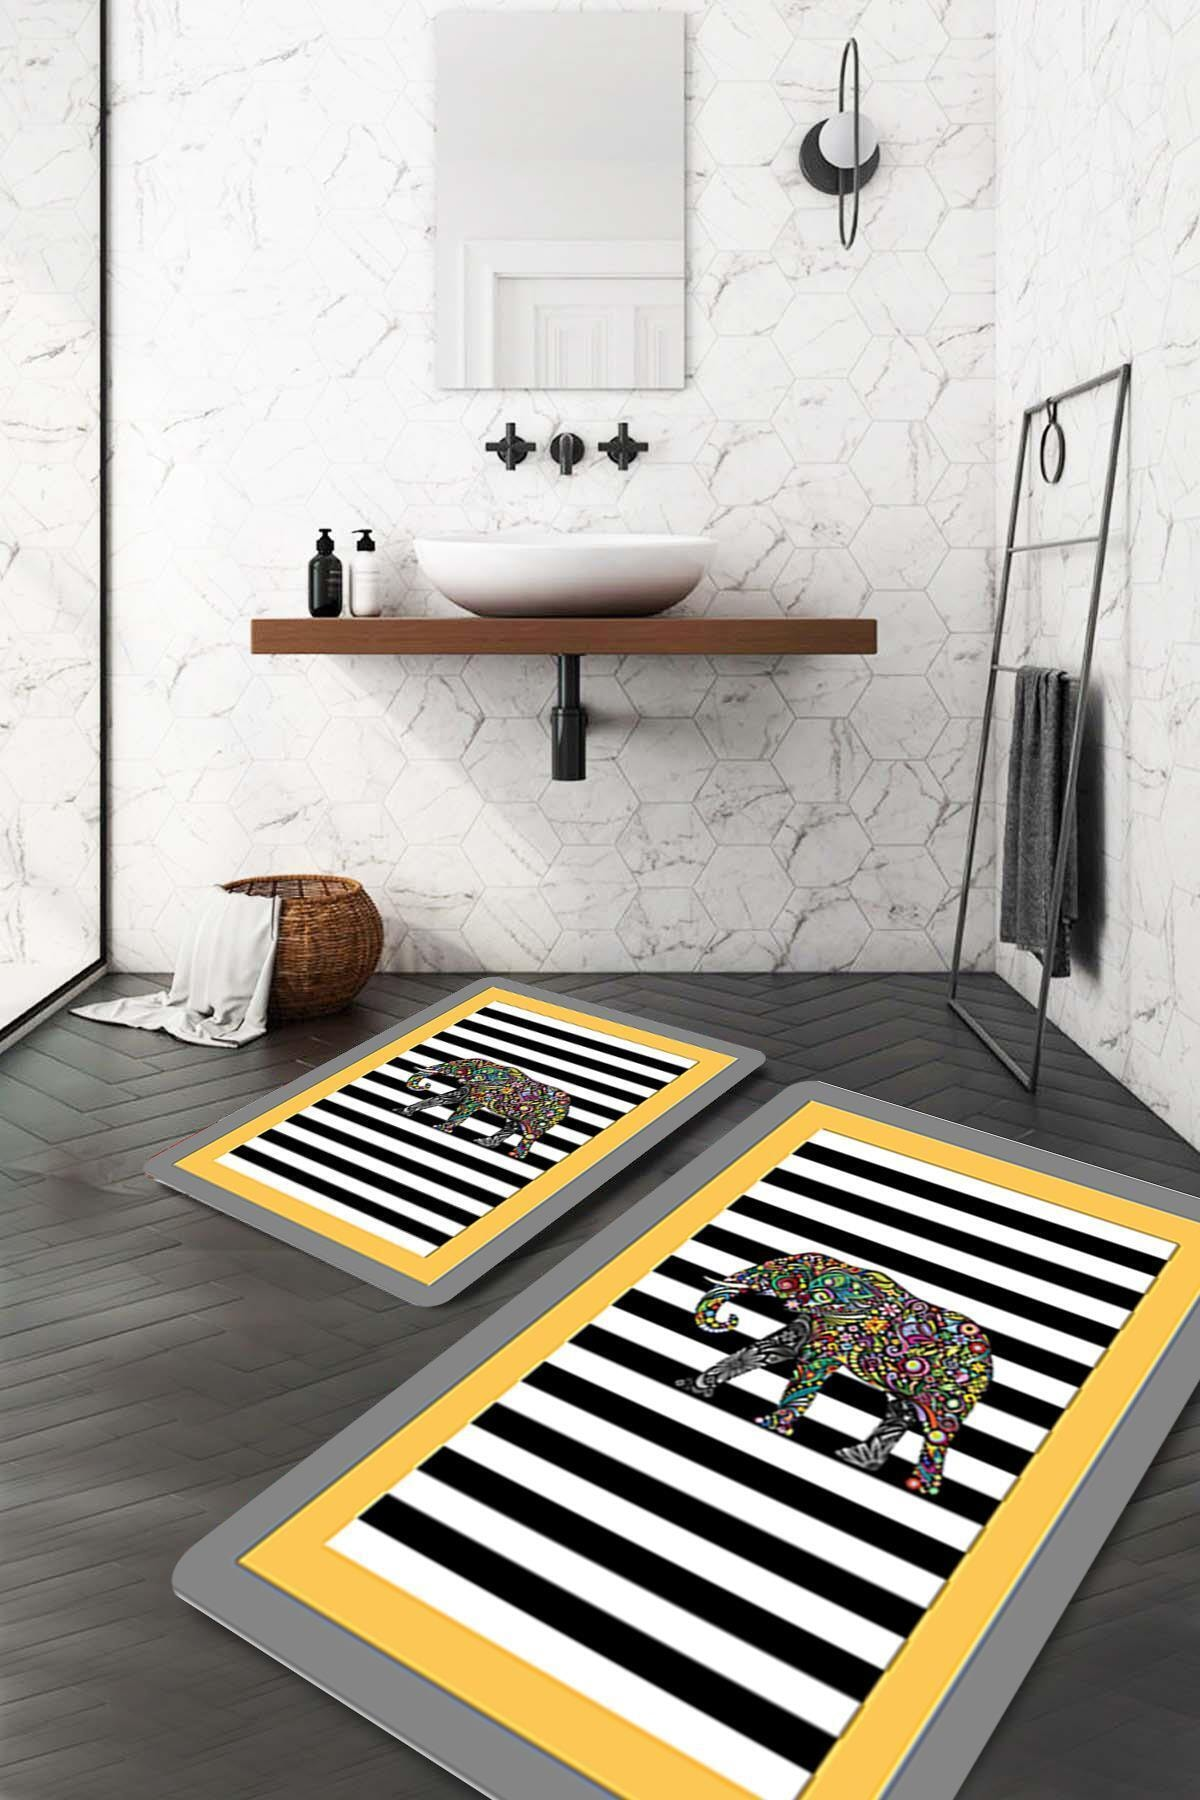 Fil Motifli Sarı Gri Banyo Paspası